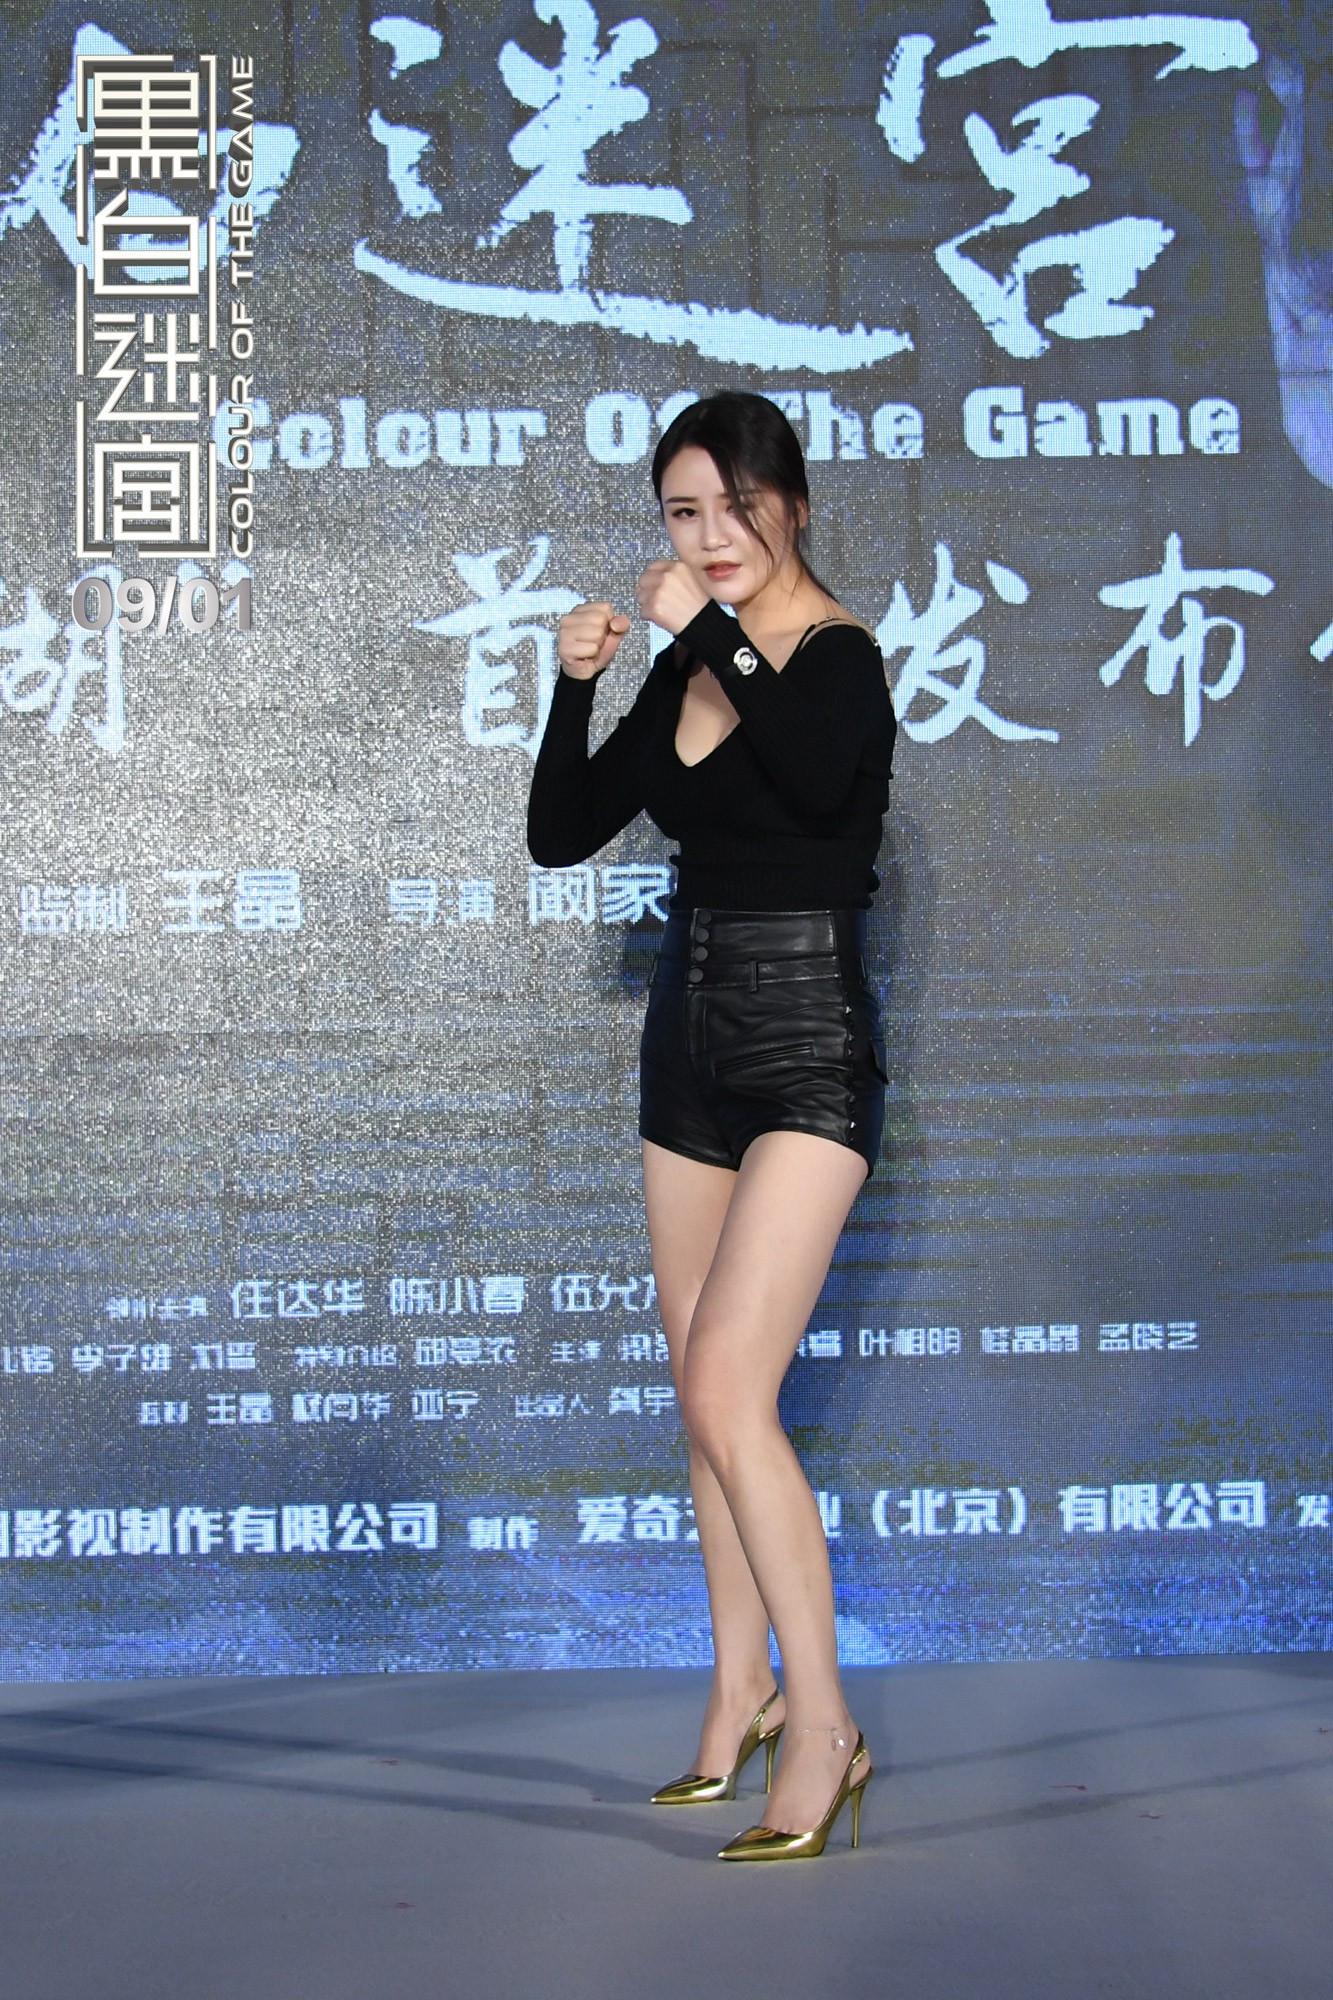 黑白迷宫 首映发布会 山鸡 陈小春霸气亮相打造2017最正宗香港江湖片